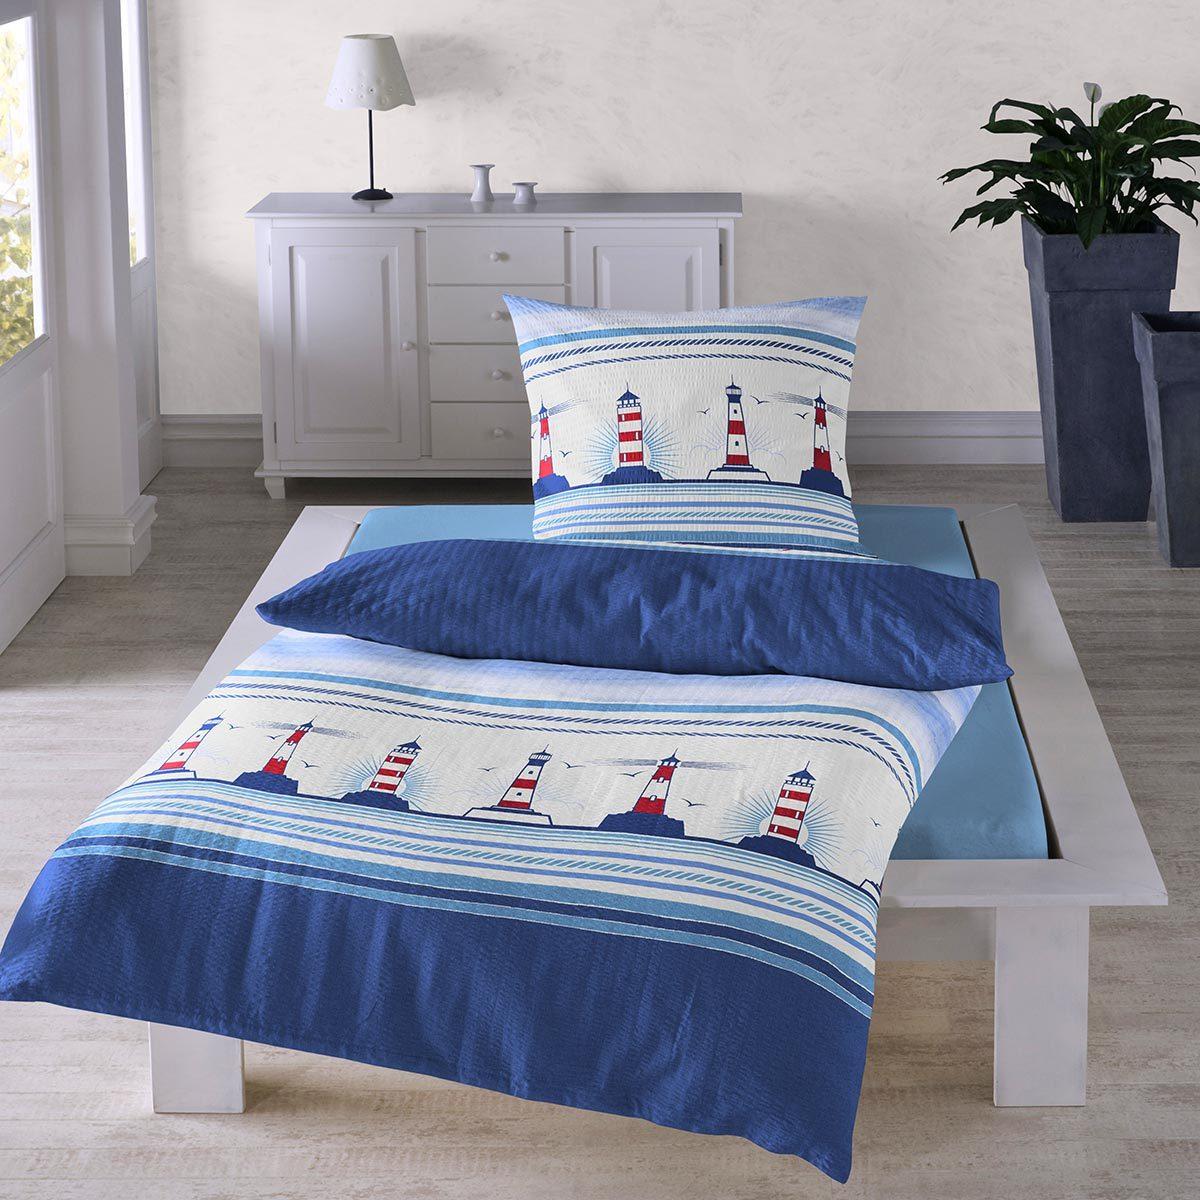 traumschlaf seersucker bettw sche leuchtturm g nstig online kaufen bei bettwaren shop. Black Bedroom Furniture Sets. Home Design Ideas